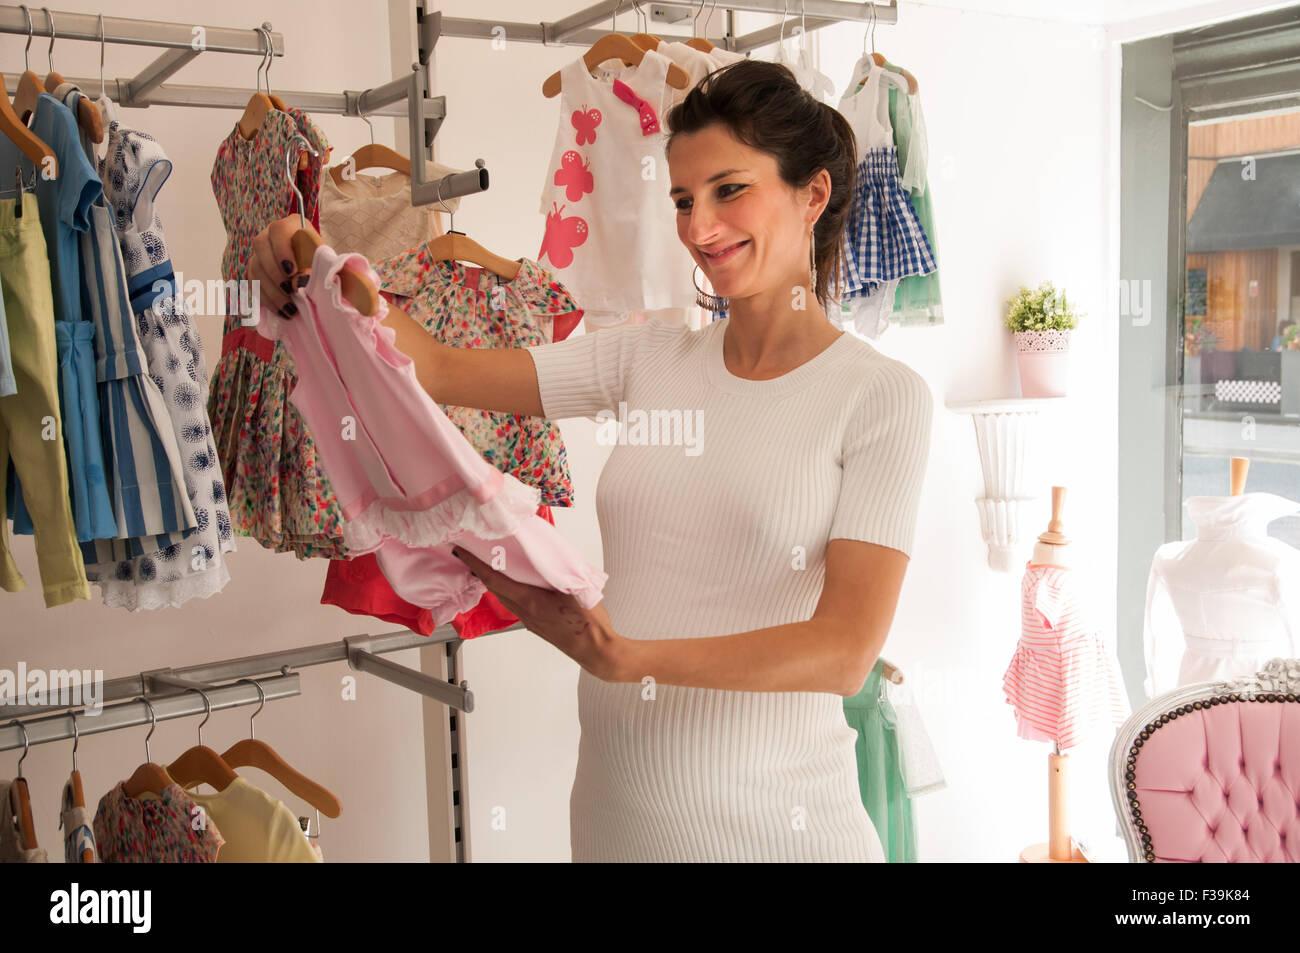 Ritratto di un sorridente donna incinta in un negozio guardando i vestiti del bambino Immagini Stock